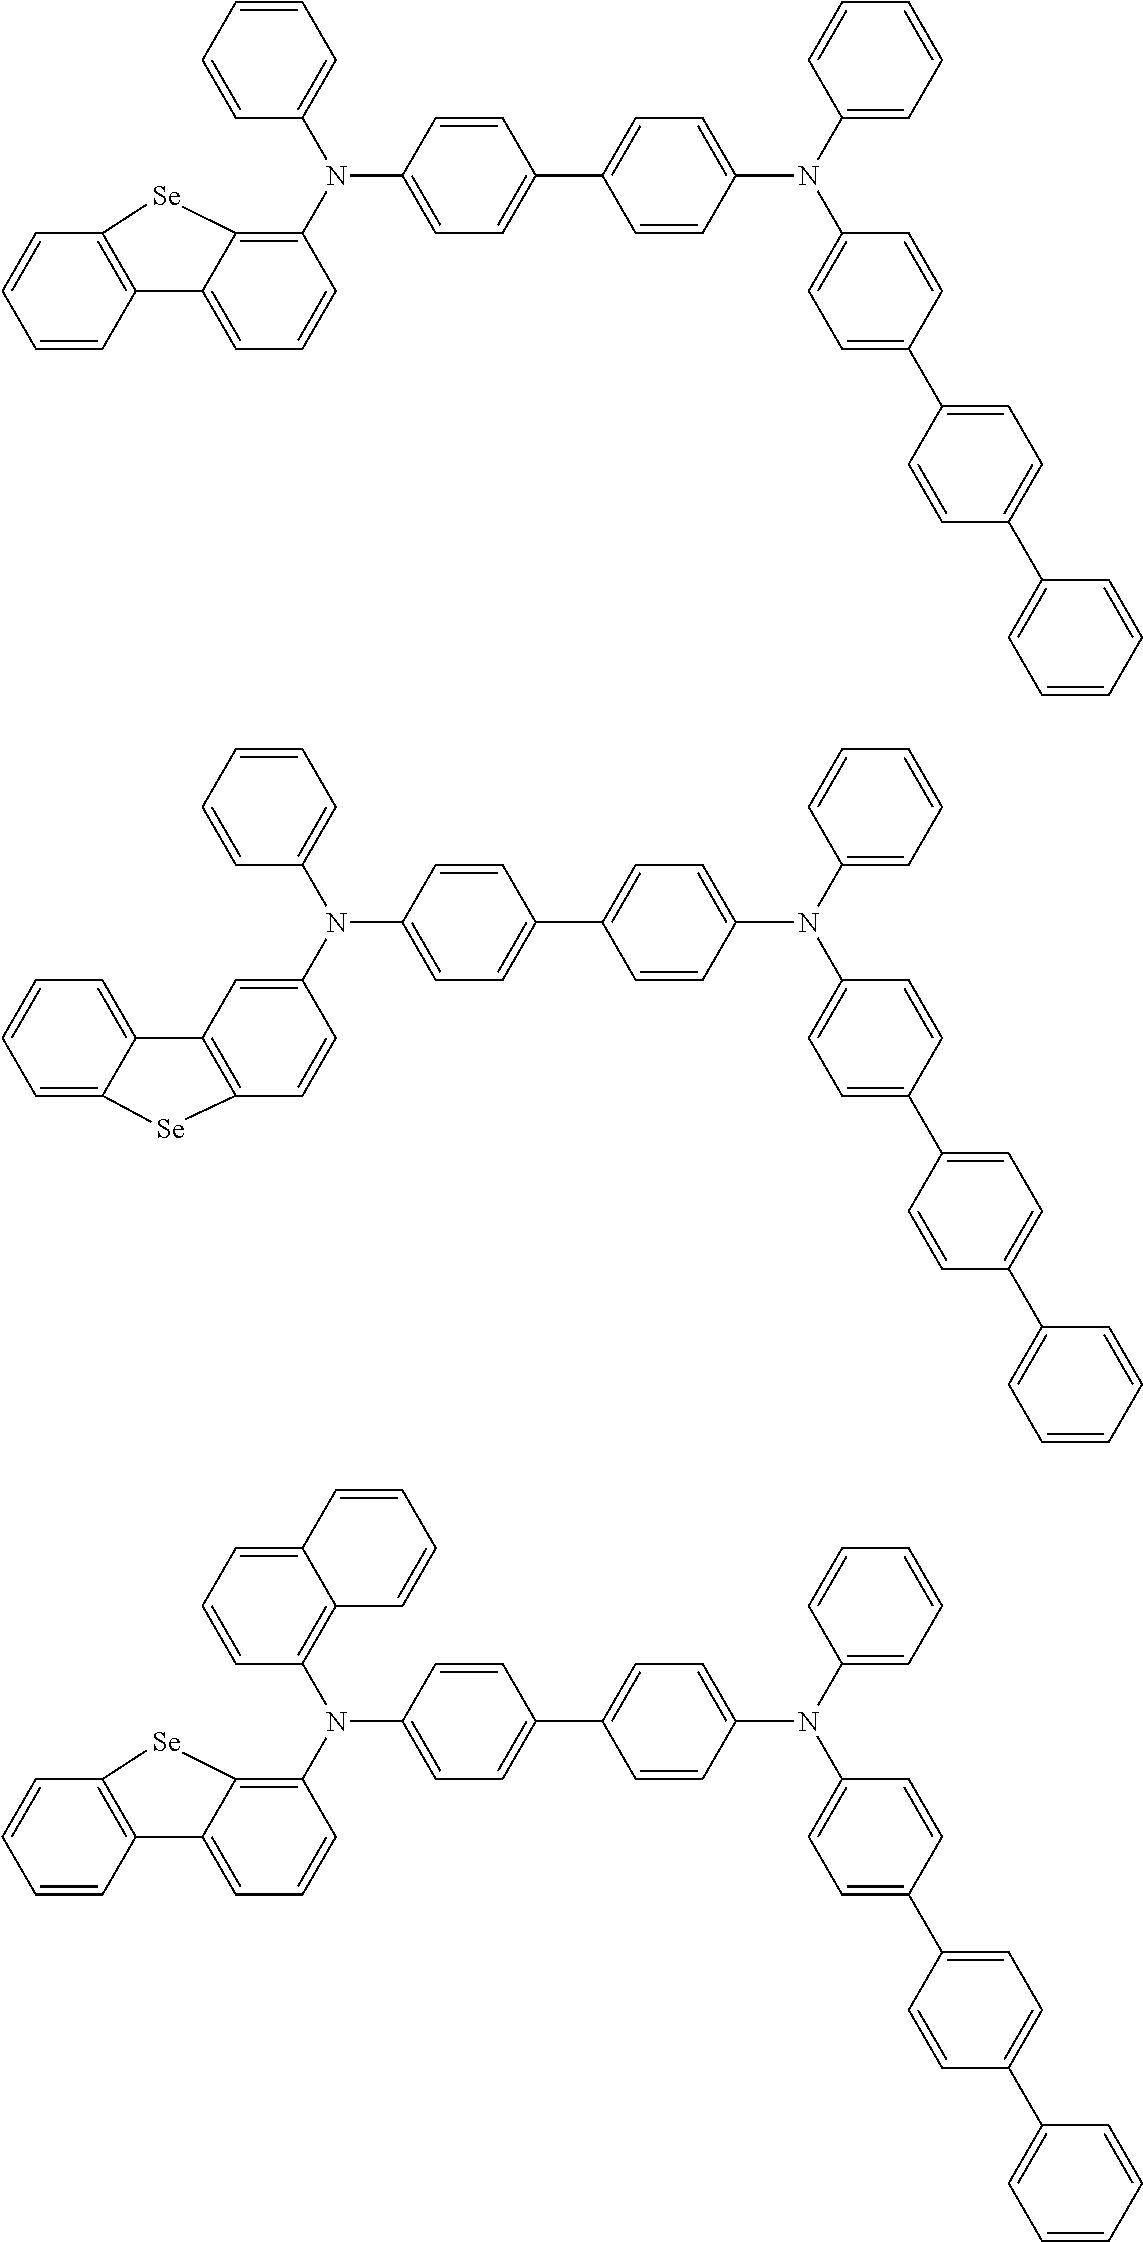 Figure US09455411-20160927-C00021